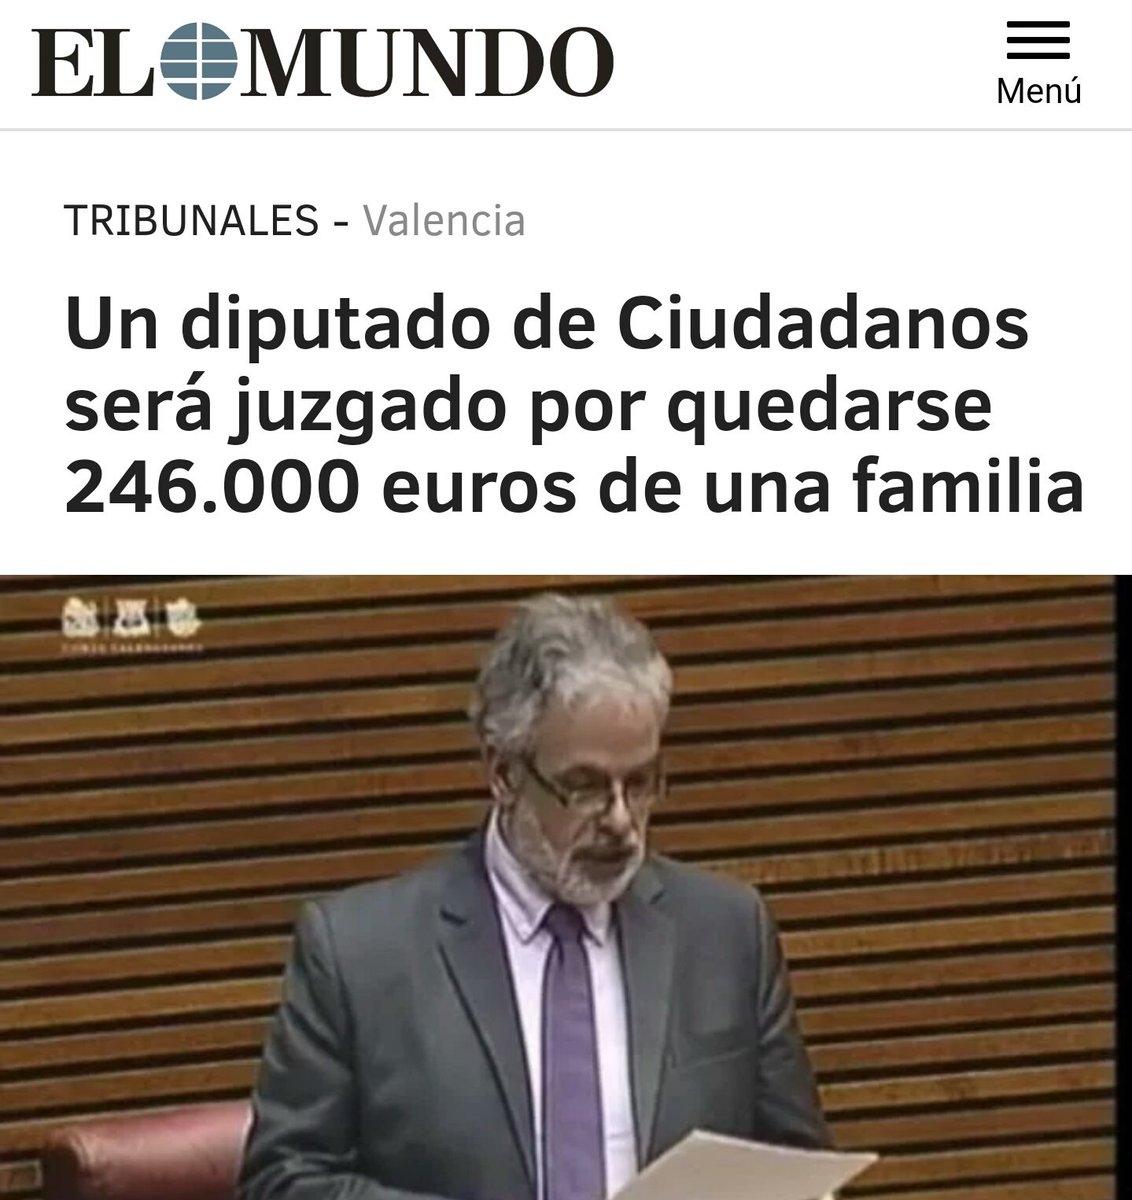 RT @jmangues: Ciudadanos haciendo tendencia la etiqueta #StopCorrupció. Que alguien detenga este ridículo, gracias. https://t.co/Lr8DBzlJDE